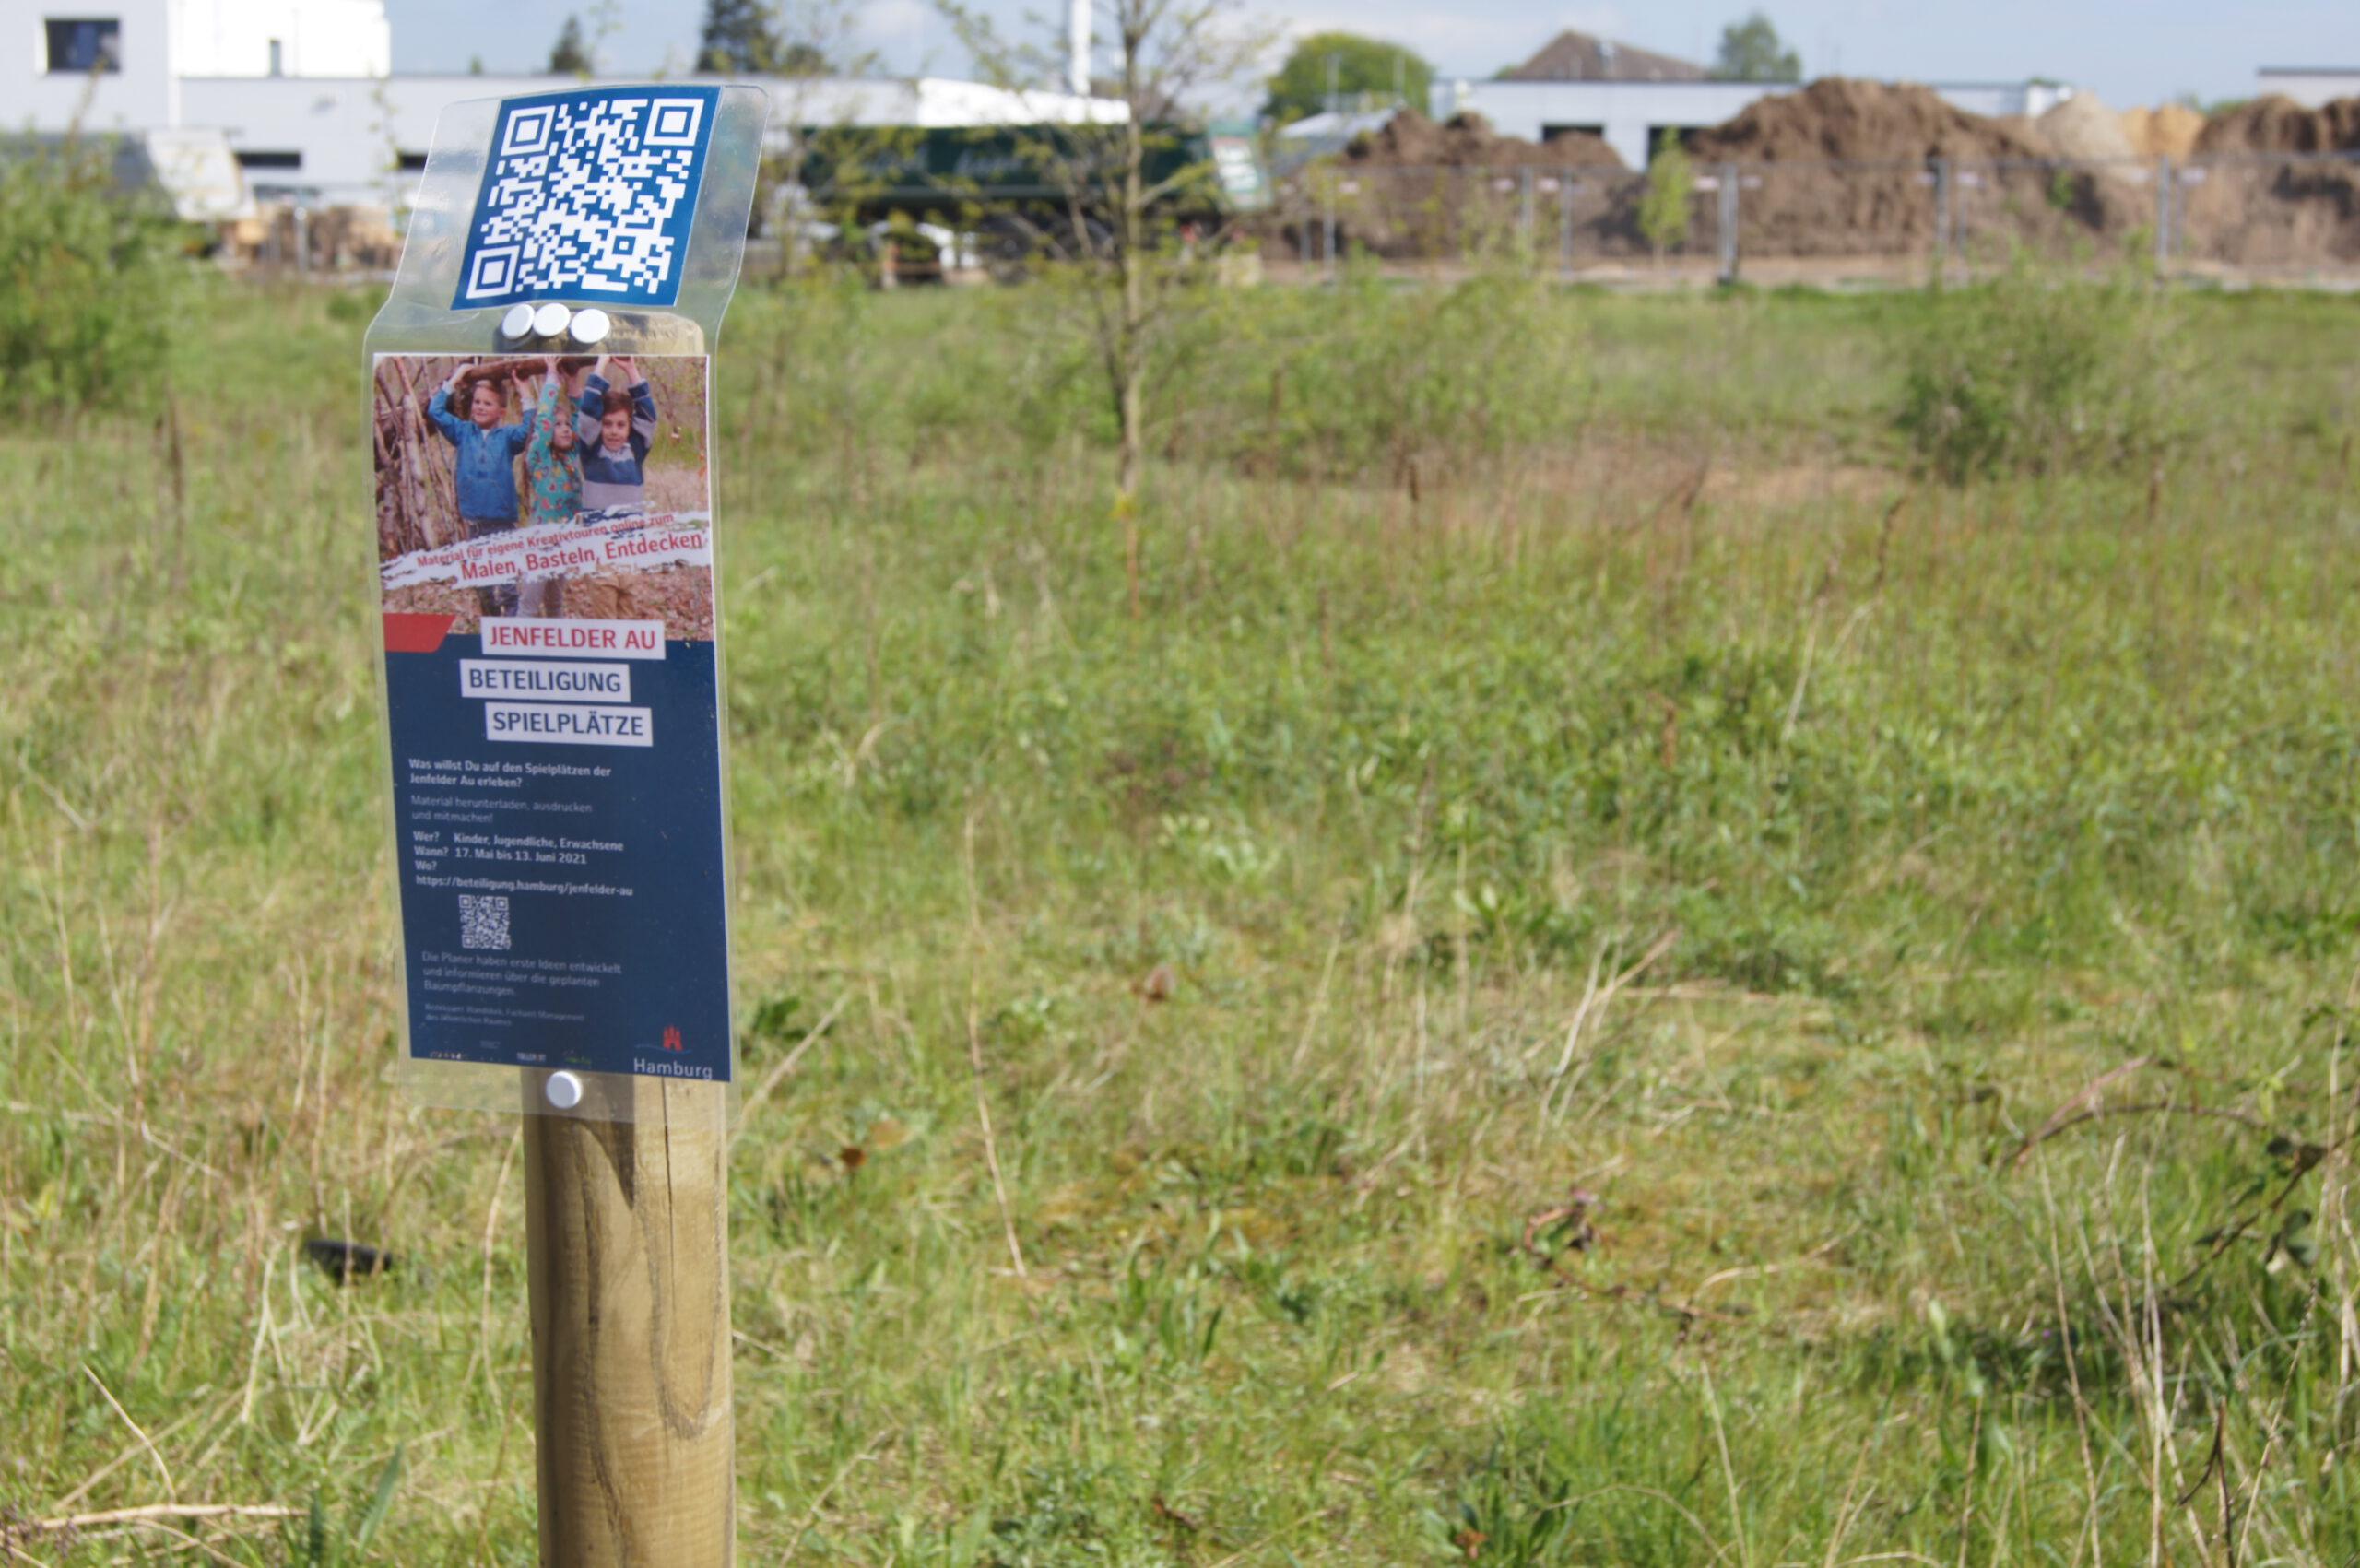 Beteiligung zur Gestaltung der Spielplätze in der Jenfelder Au gestartet